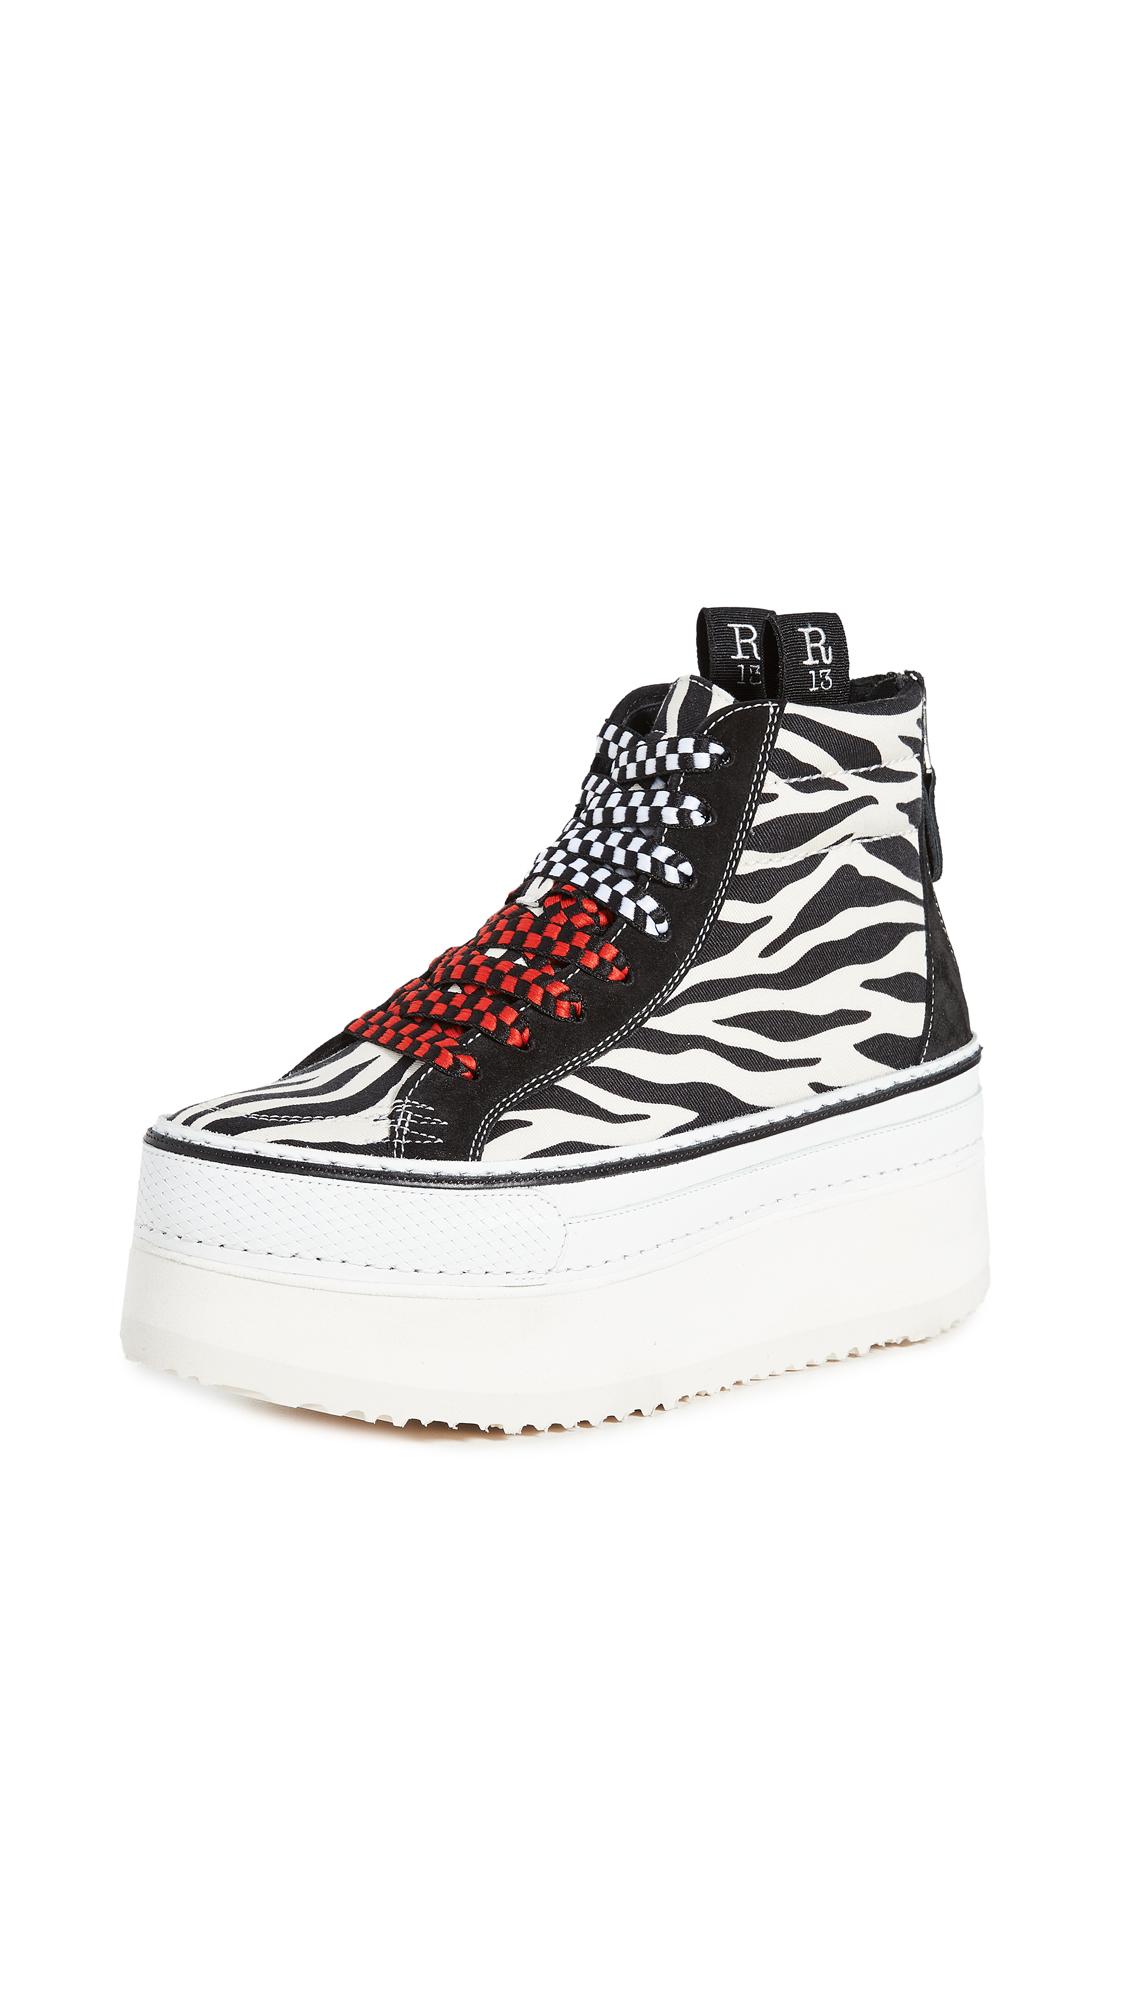 Buy R13 High Top Skate Platform Sneakers online, shop R13